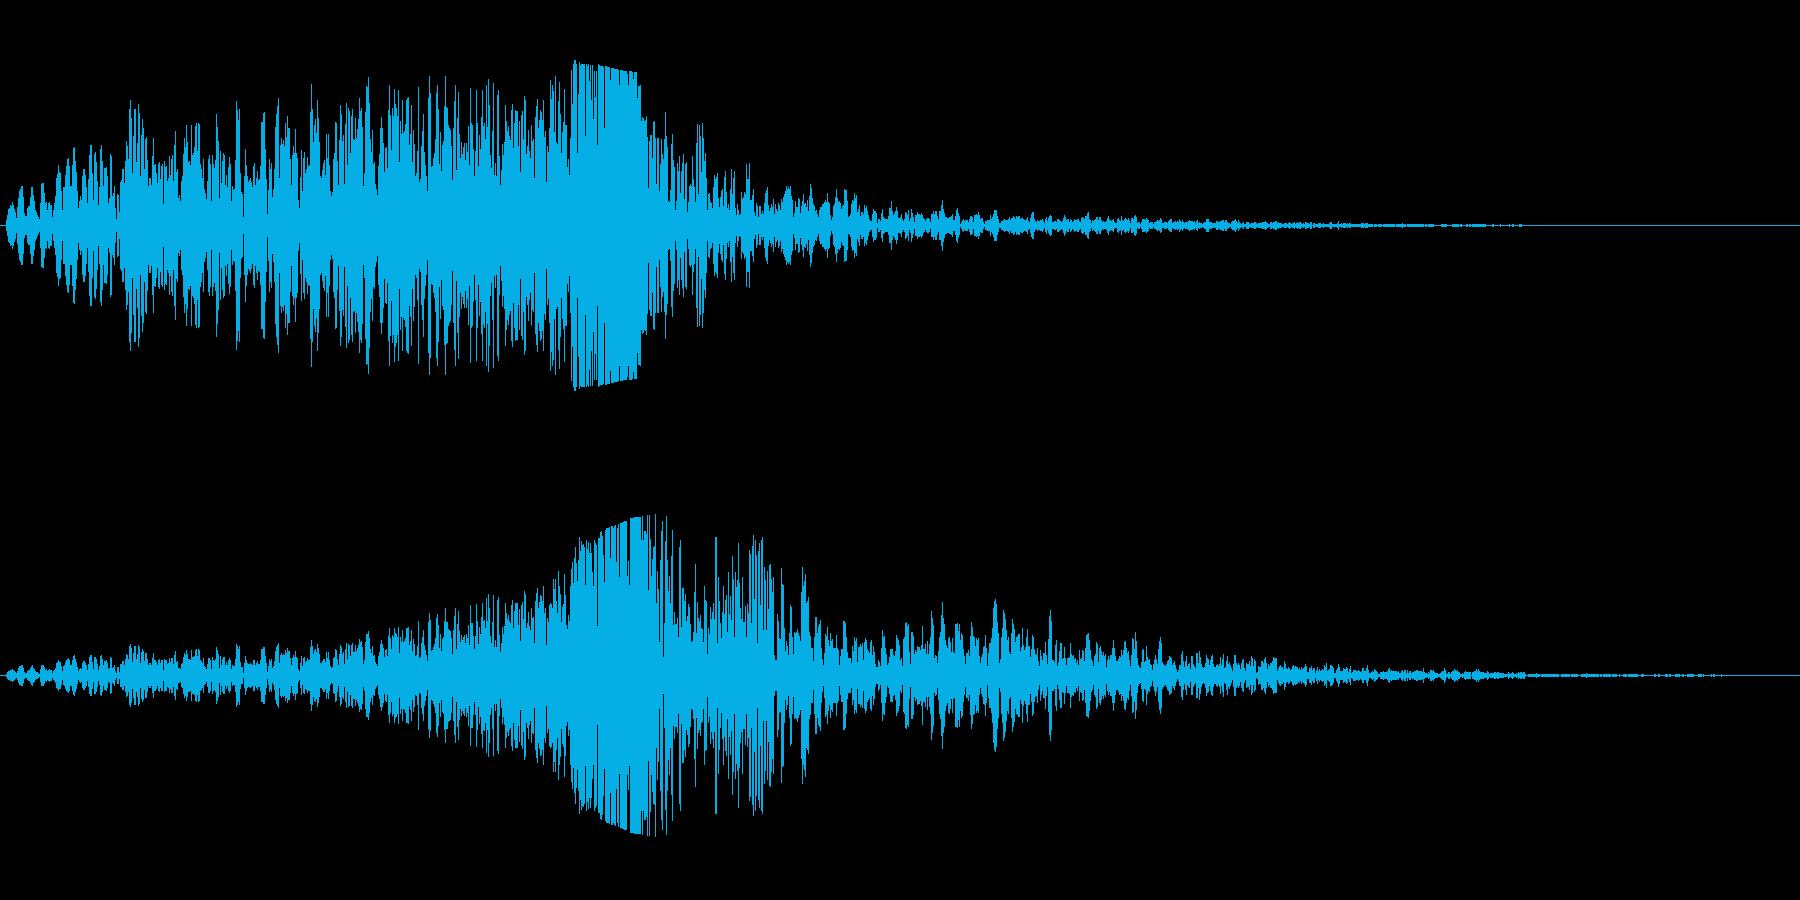 シュイビシューン(風の音)の再生済みの波形